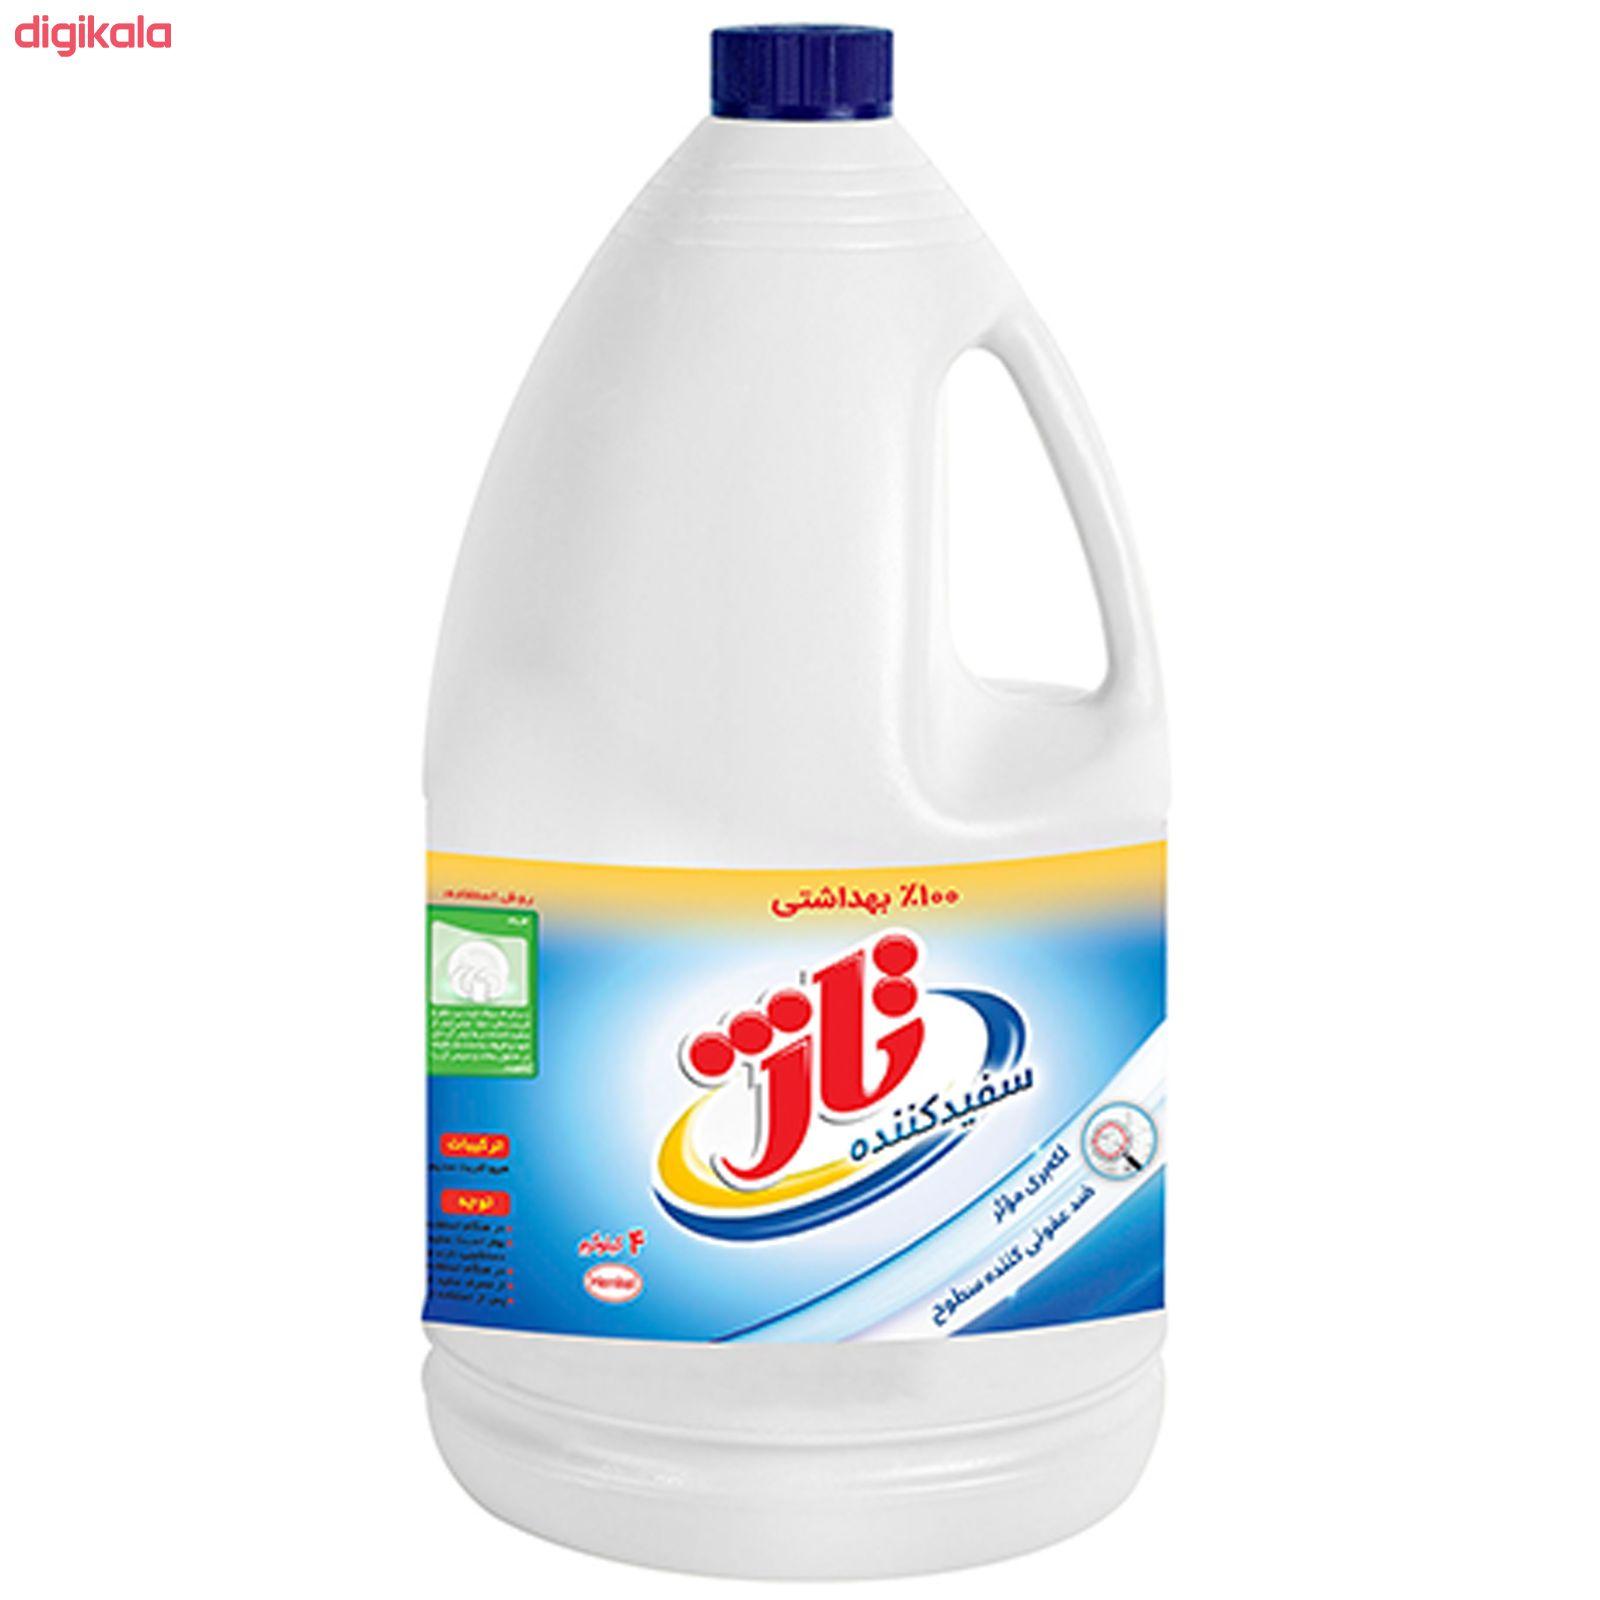 مایع سفید کننده تاژ مقدار 4000 گرم main 1 2